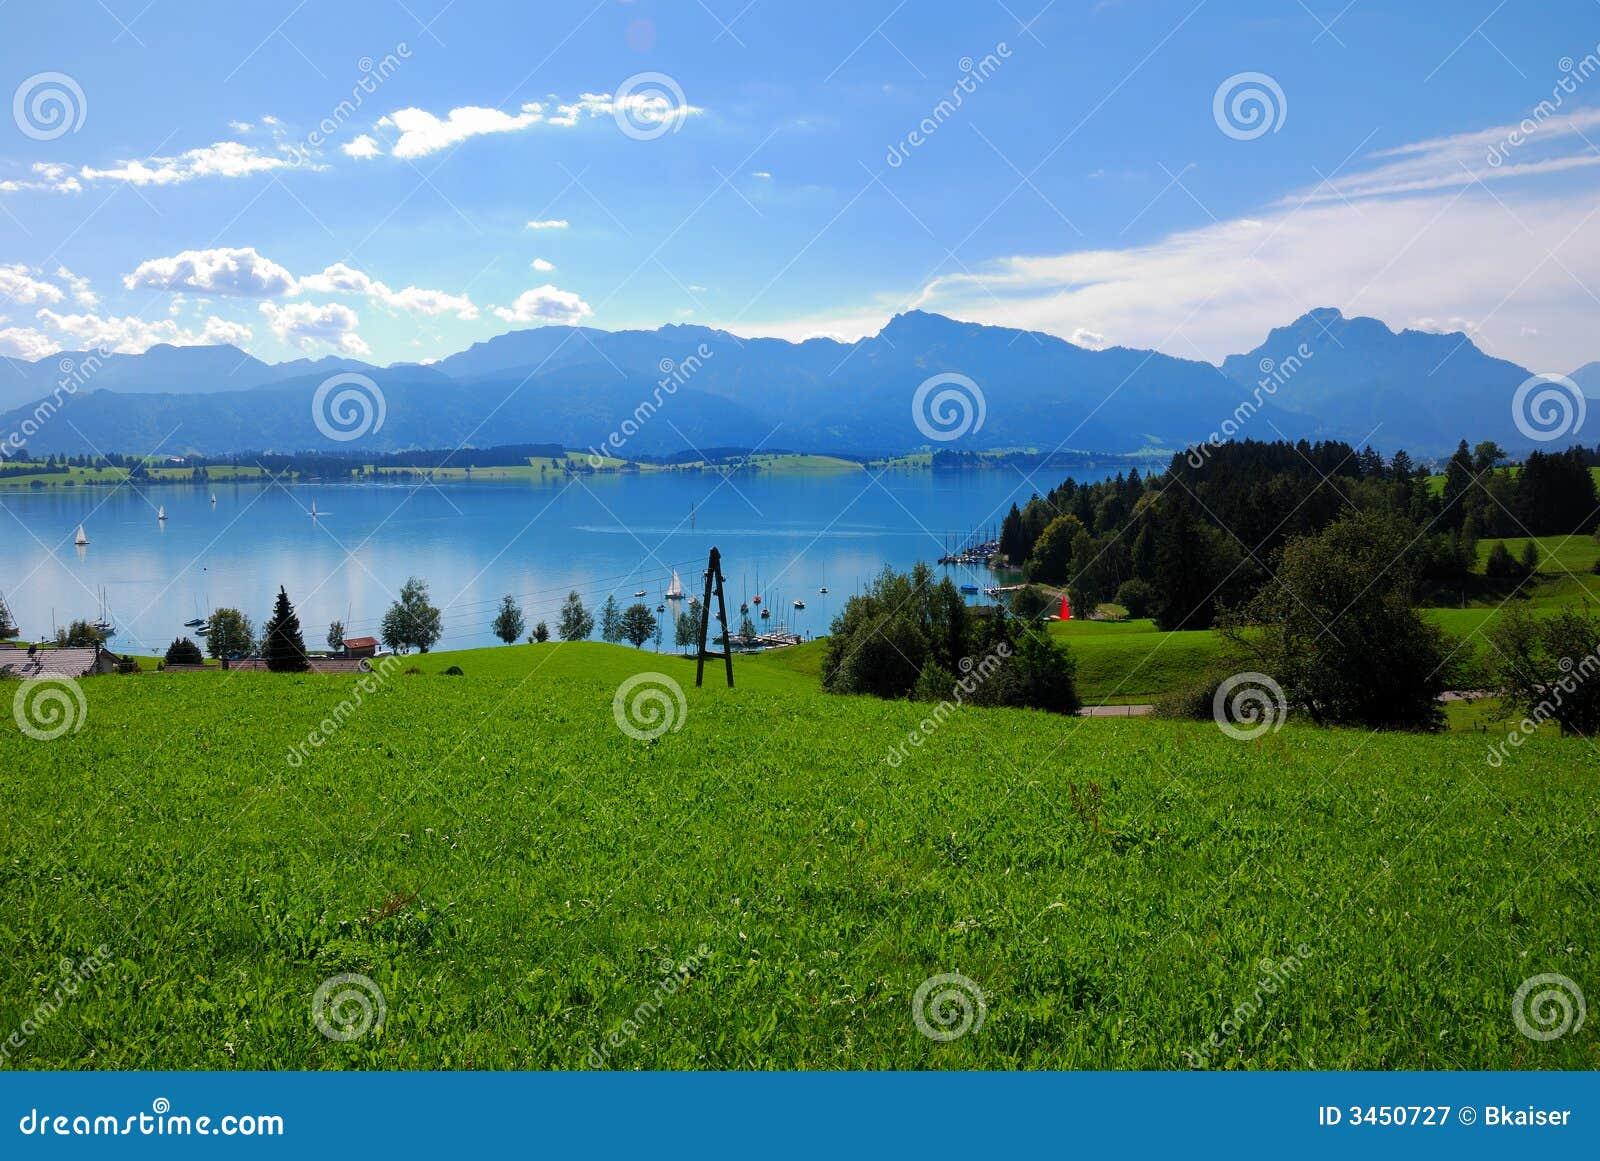 Forggensee und Alpen